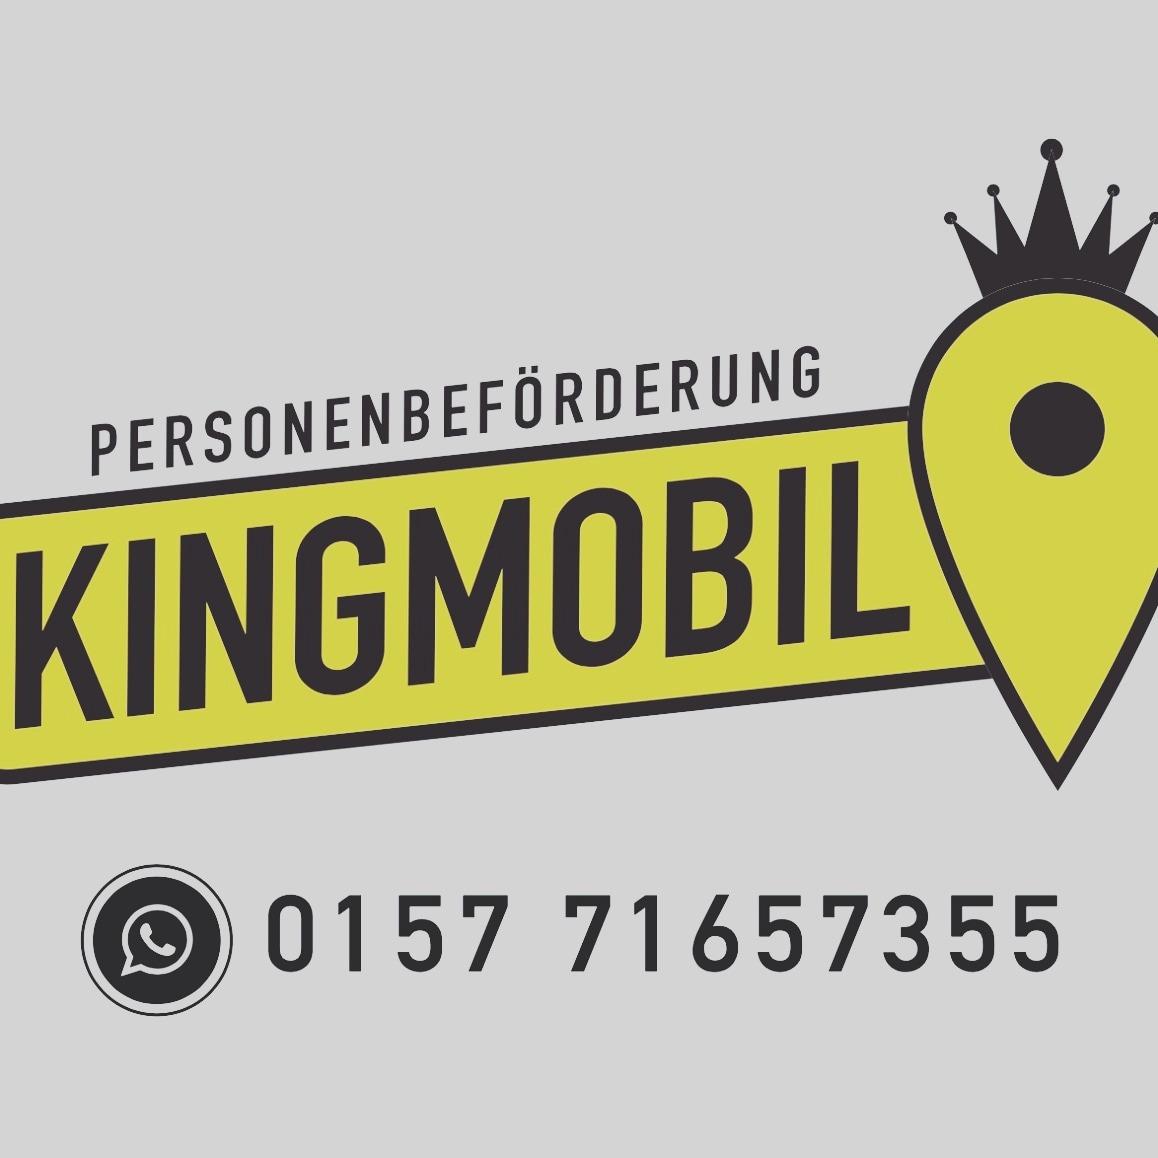 Bild zu Personenbeförderung Kingmobil - GESCHLOSSEN in Rastatt